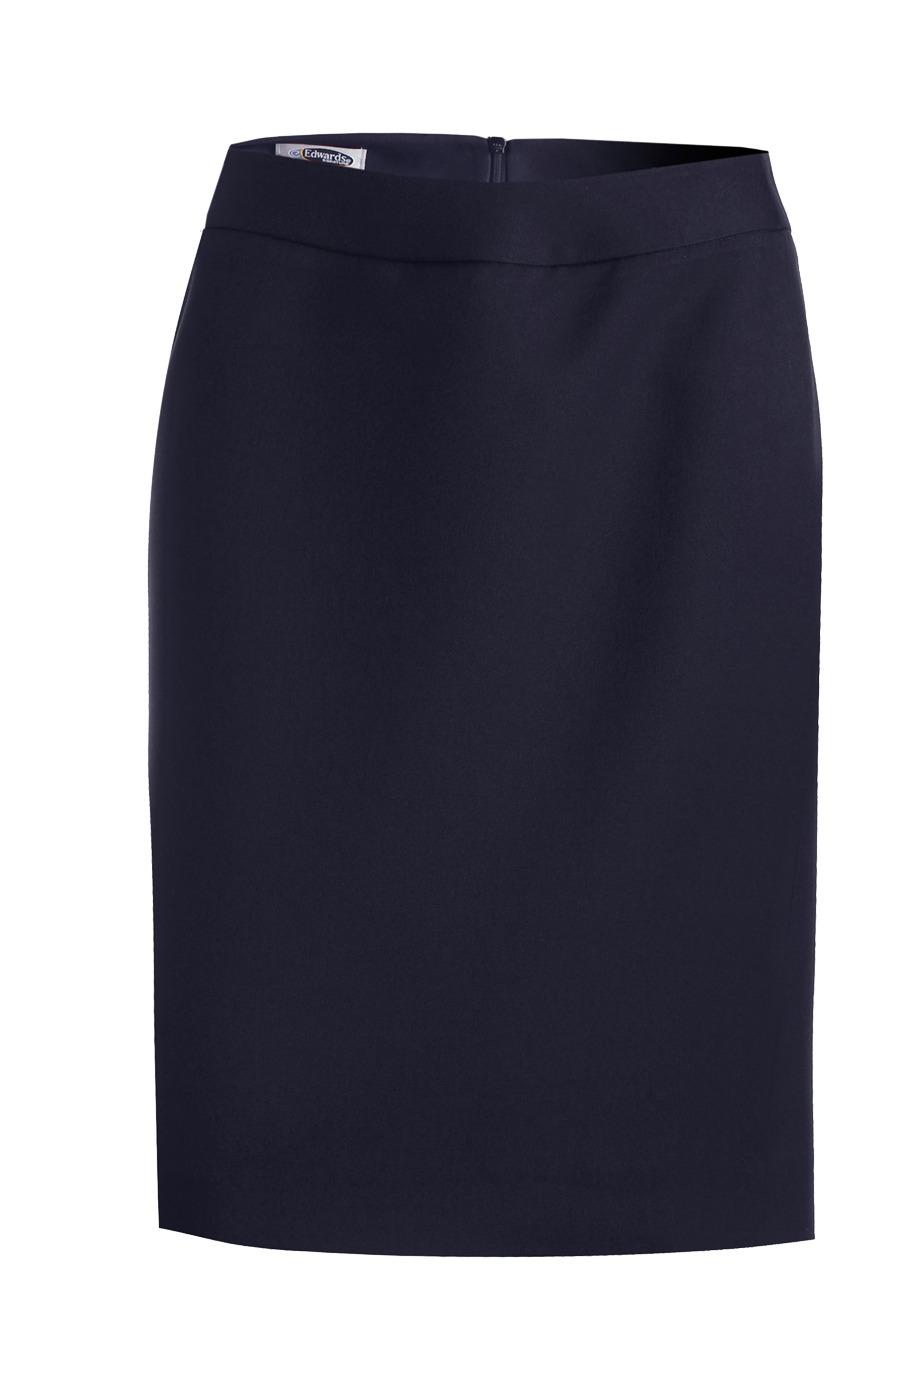 Edwards Garment 9725 Synergy Washable Skirt